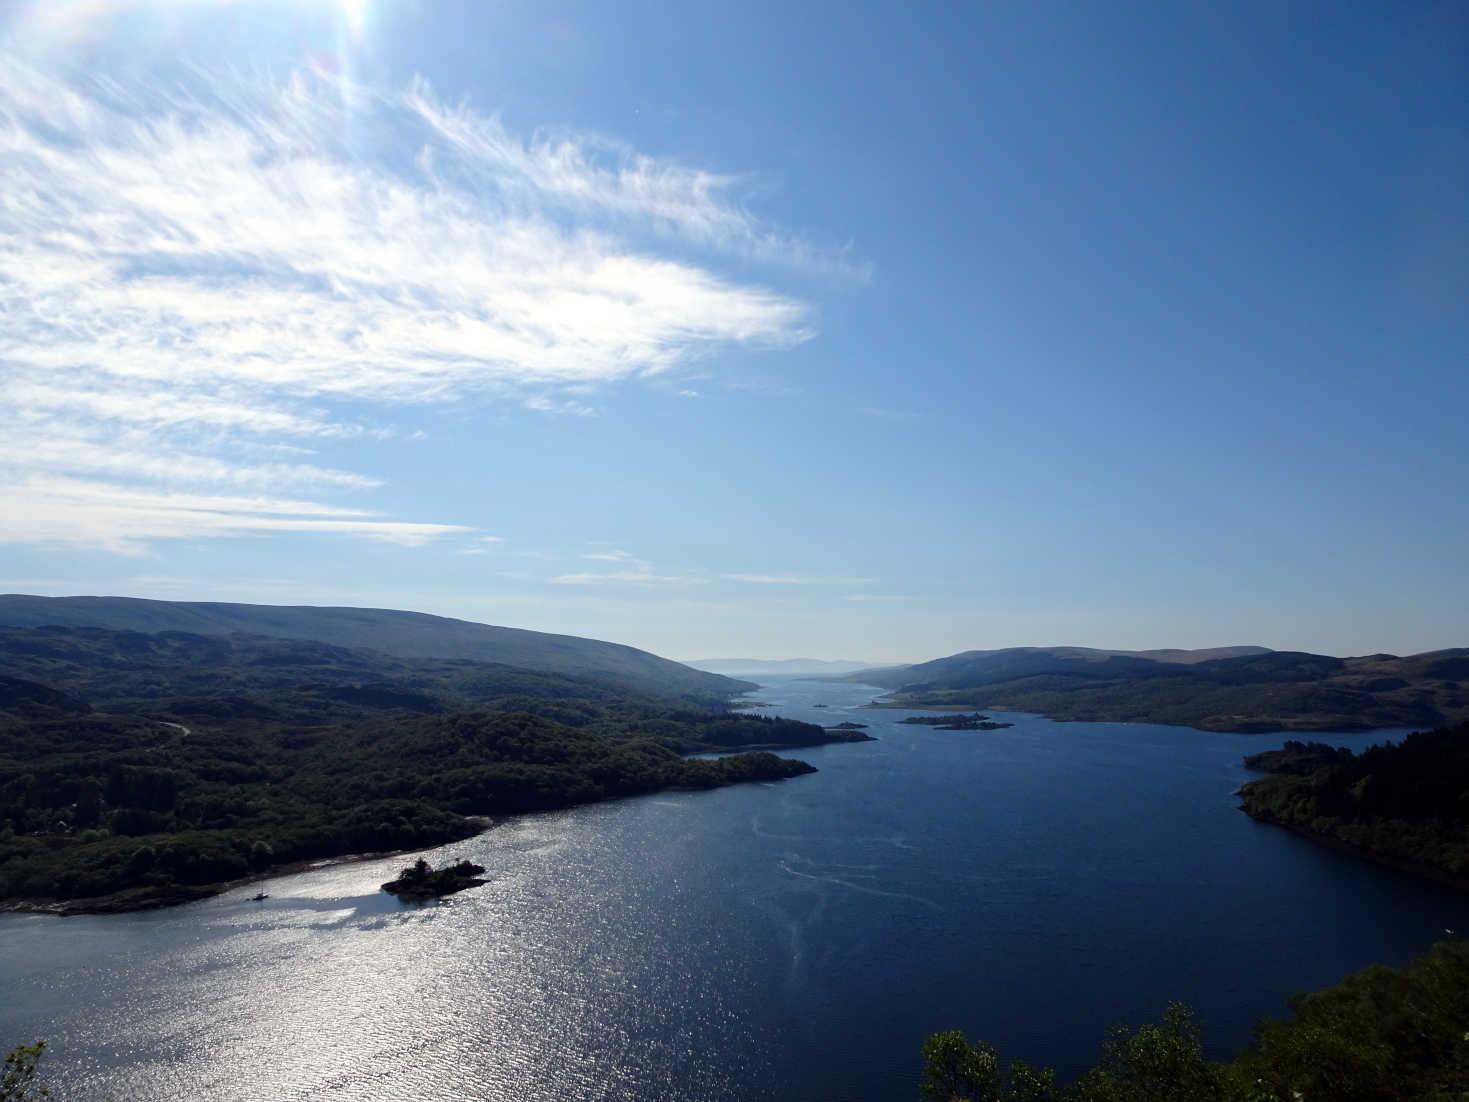 Morning over Loch Ruel